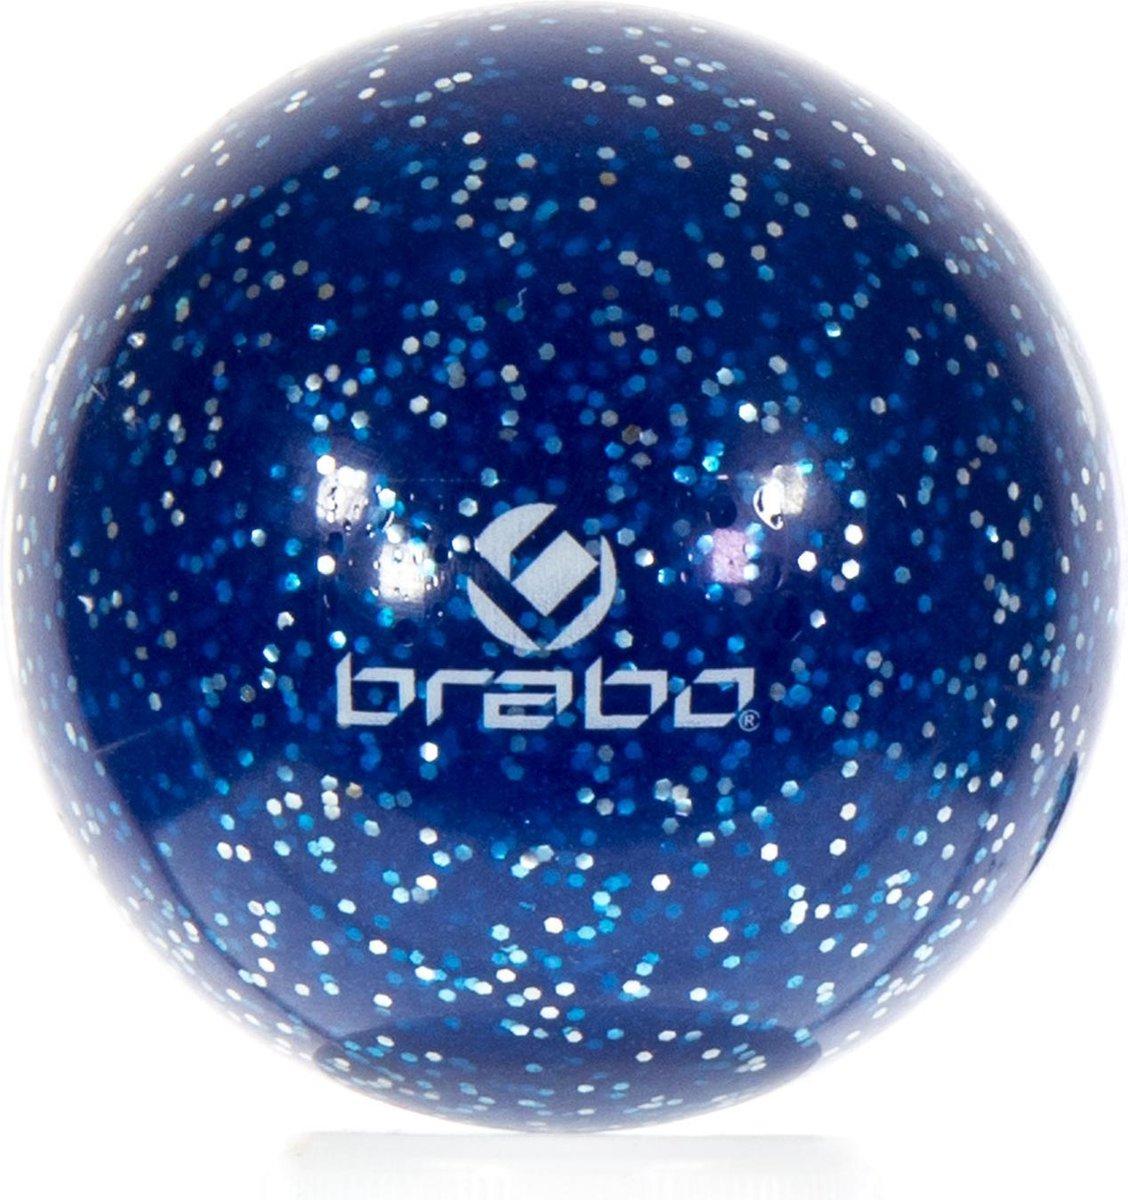 Brabo Smooth Bal Glitter - Hockeybal - Veldhockey - Blauw Glitter